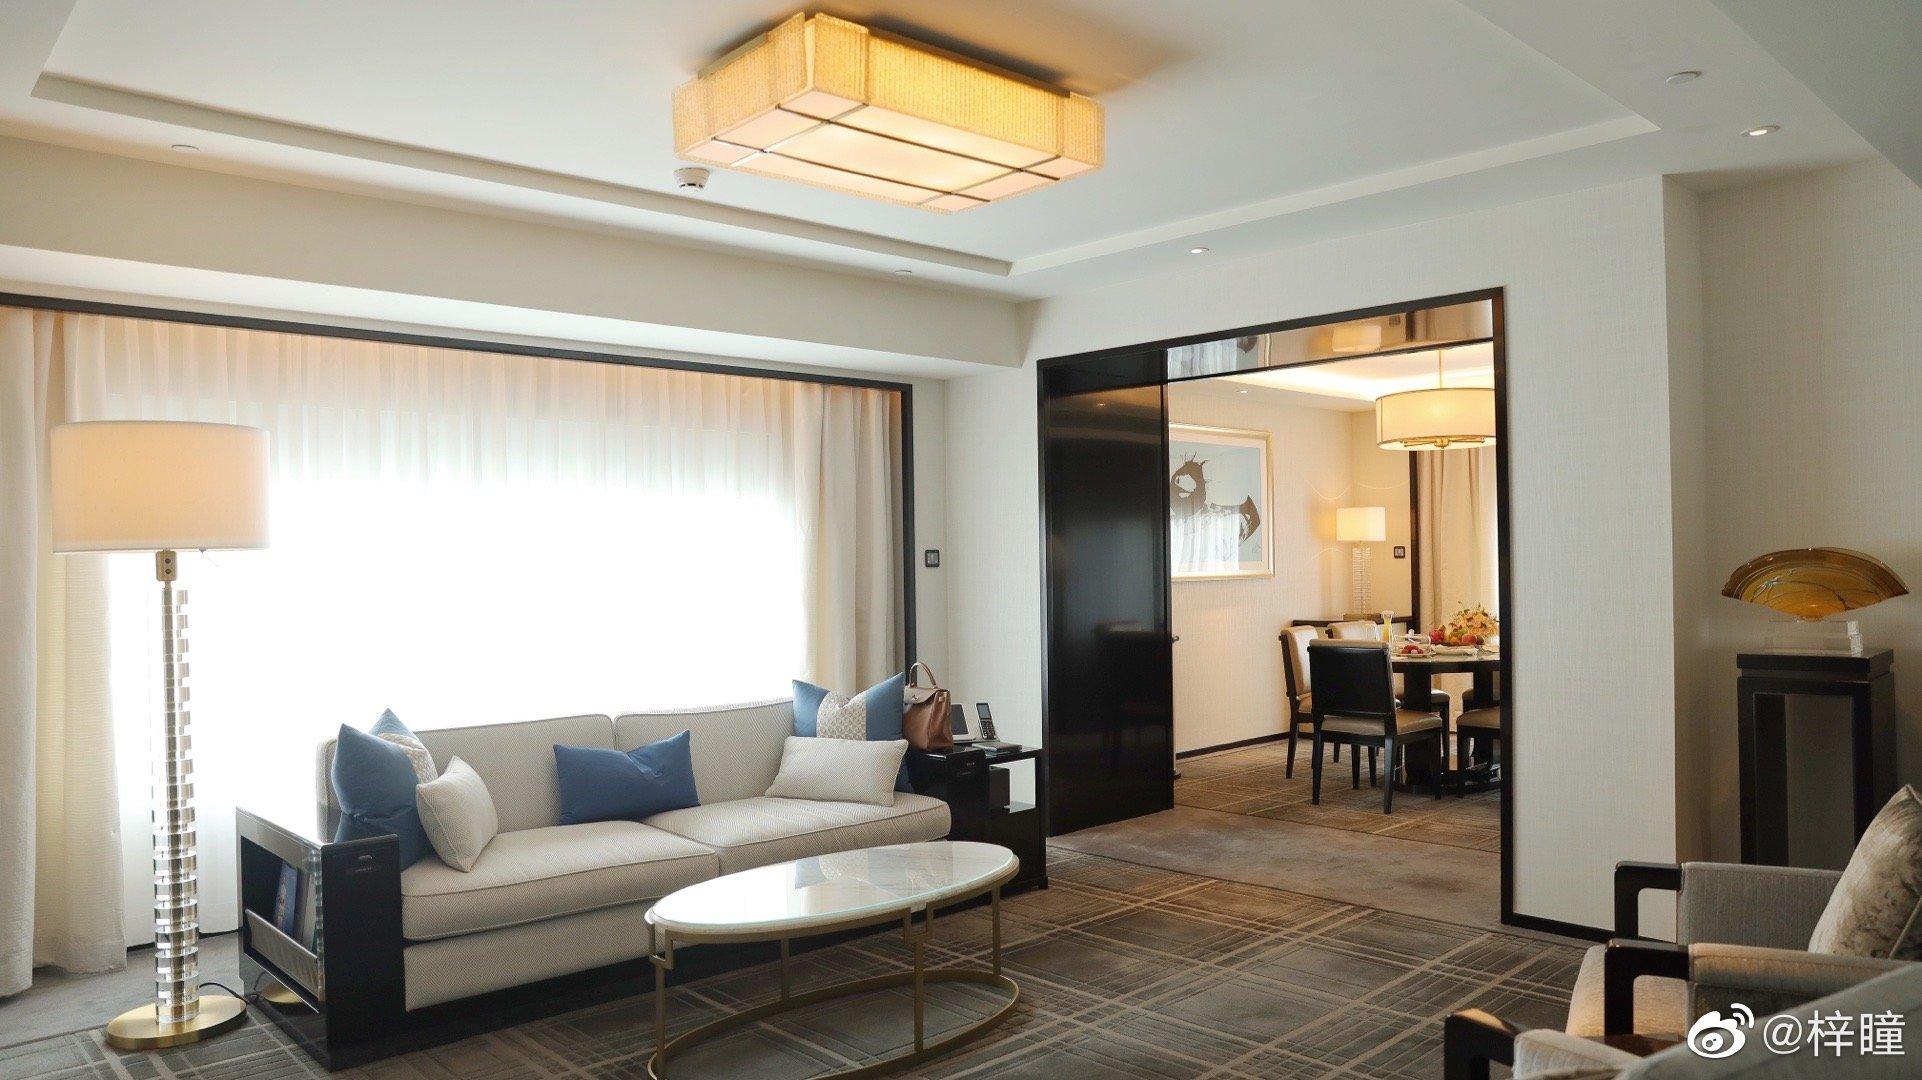 周末入住了充满东方色彩的王府半岛酒店。话说